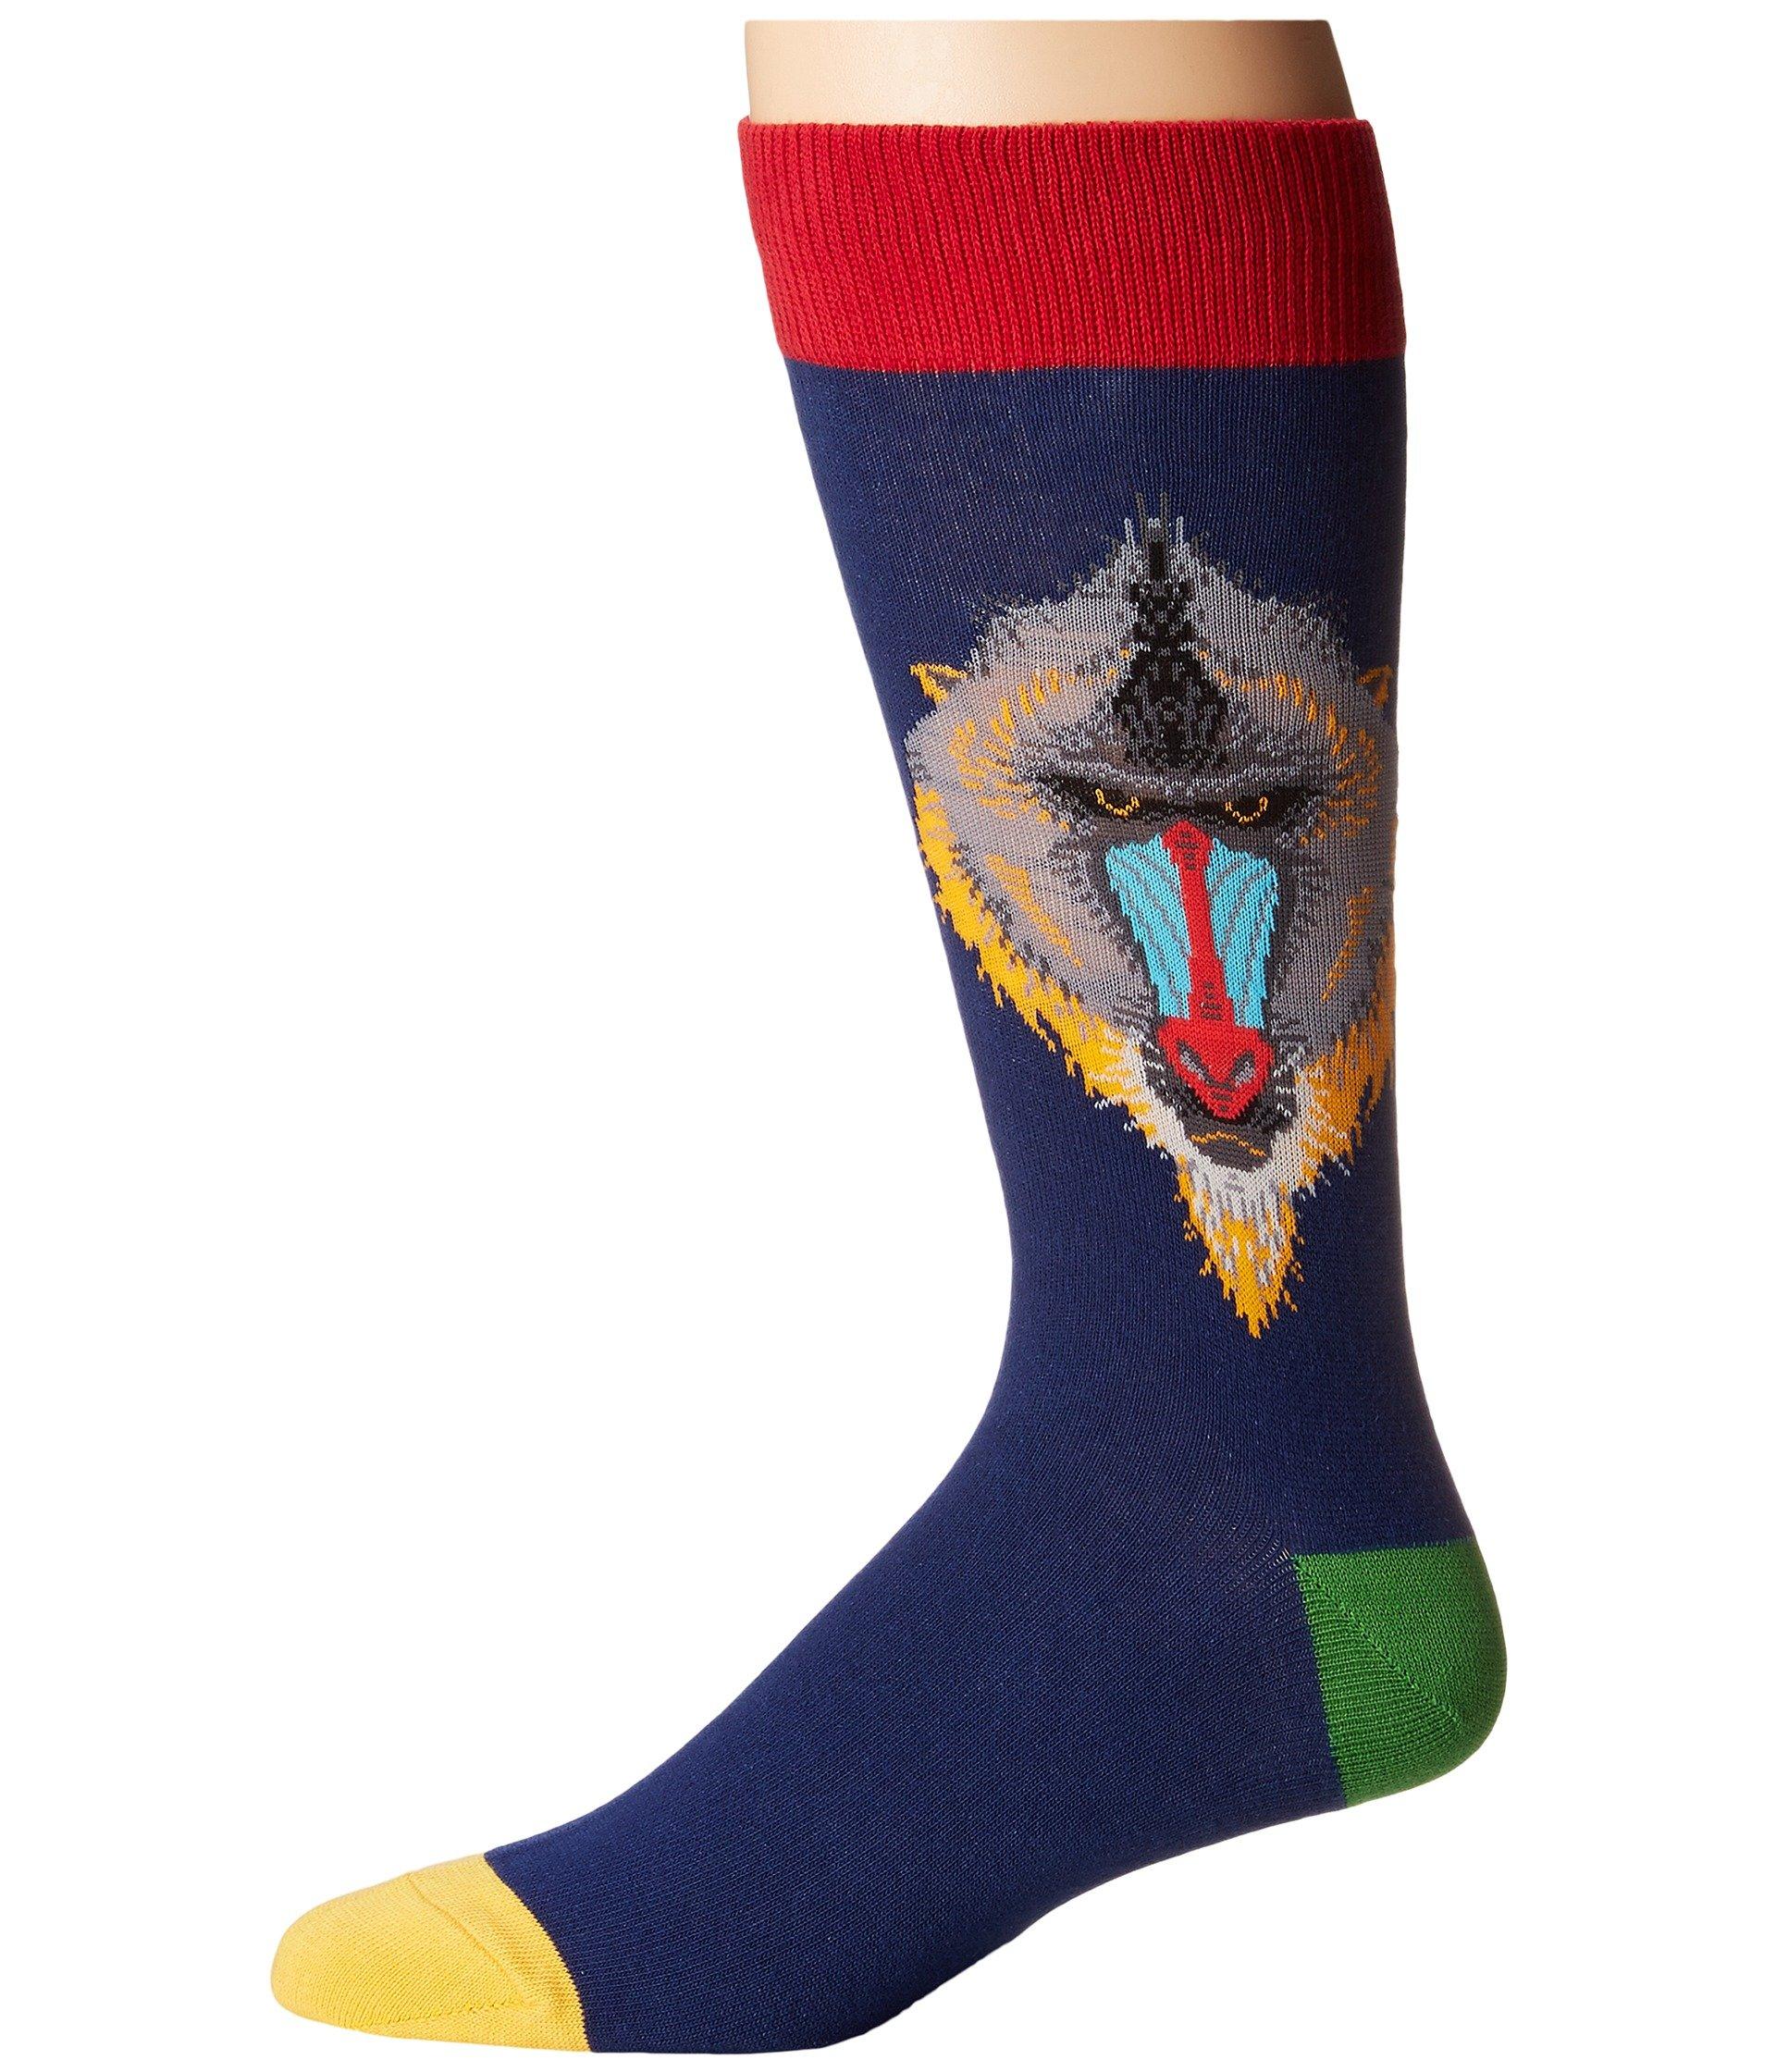 Navy Your Mind Mandrills Socksmith Mandrills Mind Your Socksmith Navy UBdgUq